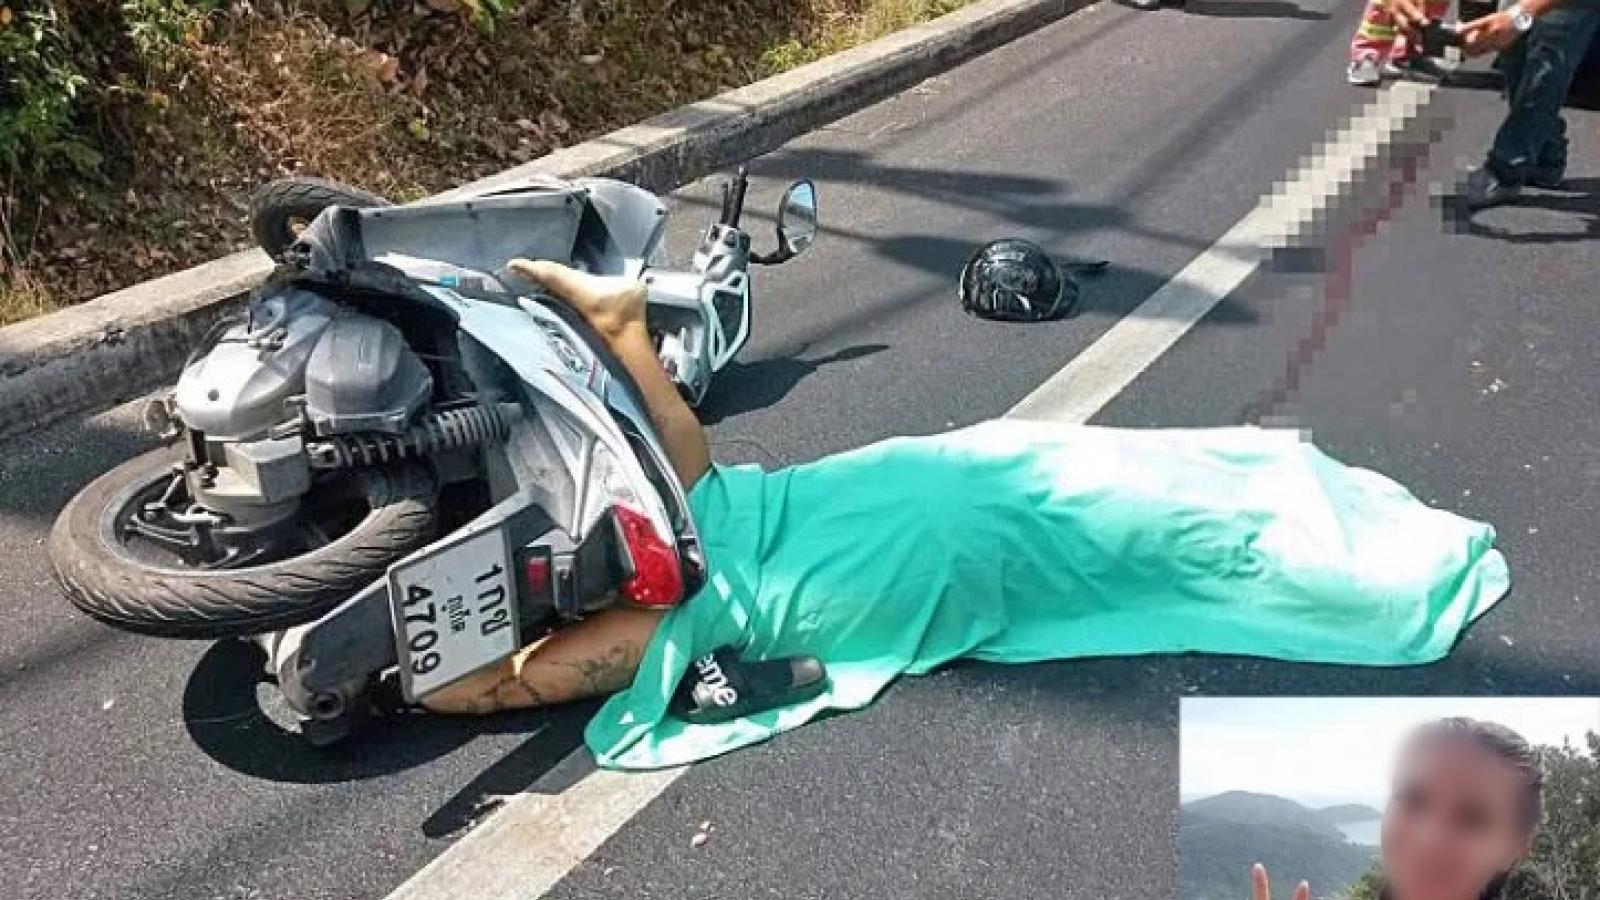 Thái Lan có 82 người chết do tai nạn giao thông vào dịp nghỉ lễ